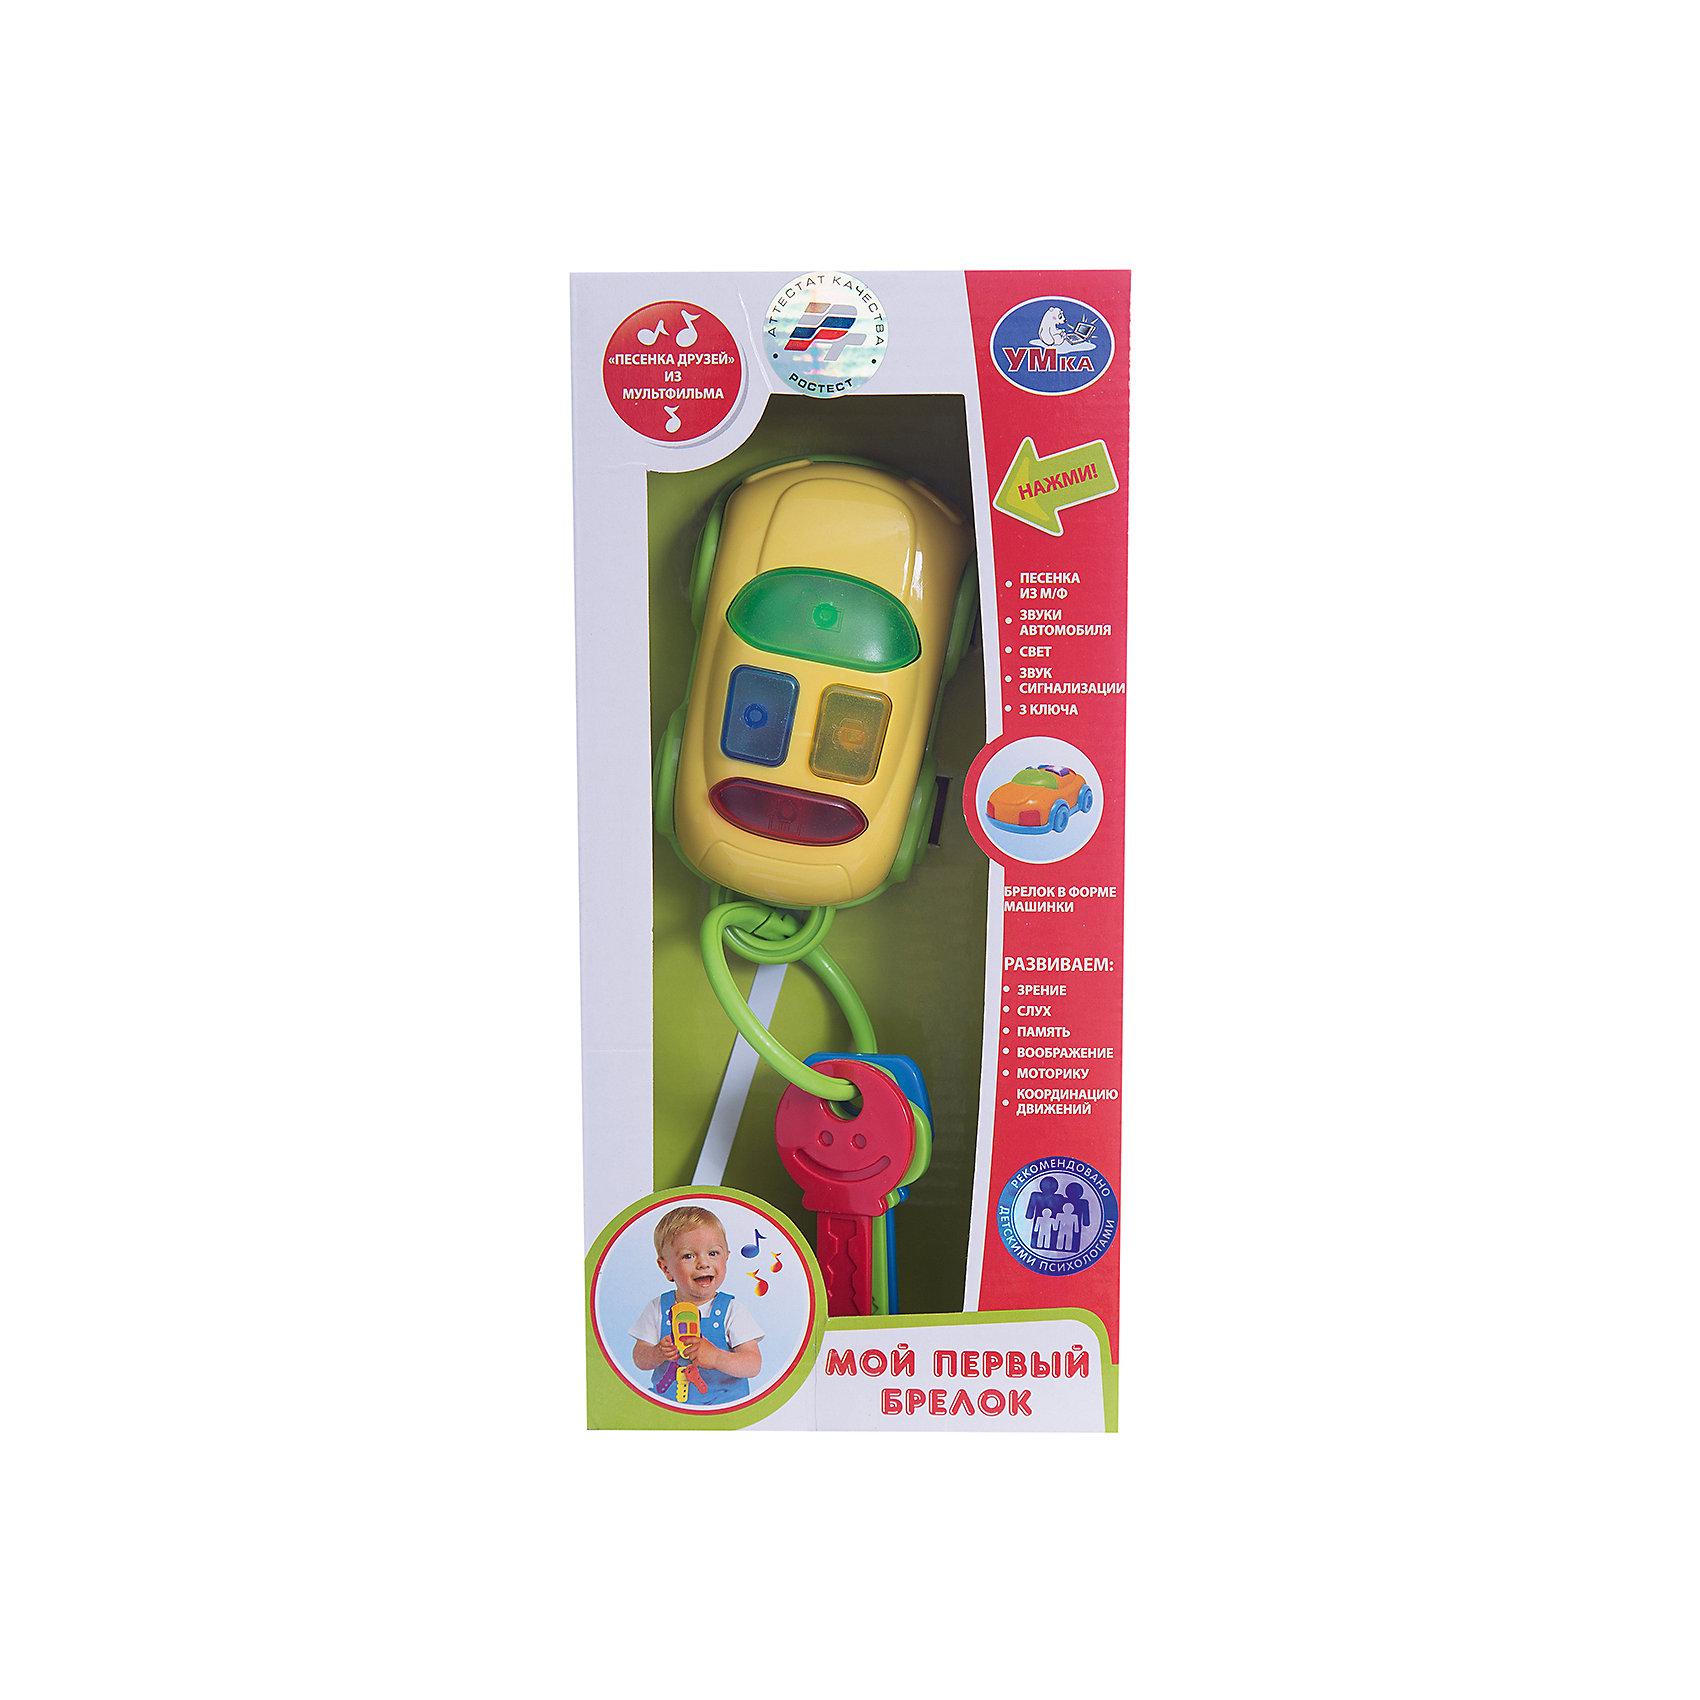 Мой первый брелок Мы едем-едем, УмкаИнтерактивные игрушки для малышей<br>Игрушки могут не только развлекать малыша, но и помогать его всестороннему развитию. Эта игрушка поможет формированию разных навыков, он помогает развить тактильное восприятие, цветовосприятие, звуковосприятие и мелкую моторику.<br>Изделие представляет собой игрушку из приятного на ощупь материала со звуковым и световым модулем - ребенок может надолго занять себя игрой с ней! Сделана игрушка из качественных материалов, безопасных для ребенка.<br><br>Дополнительная информация:<br><br>цвет: разноцветный;<br>материал: пластик;<br>звуковой и световой модуль;<br>размер упаковки: 50 x 120 x 240 мм.<br><br>Игрушку Мой первый брелок Мы едем-едем от бренда Умка можно купить в нашем магазине.<br><br>Ширина мм: 50<br>Глубина мм: 120<br>Высота мм: 240<br>Вес г: 190<br>Возраст от месяцев: 36<br>Возраст до месяцев: 2147483647<br>Пол: Унисекс<br>Возраст: Детский<br>SKU: 5002260